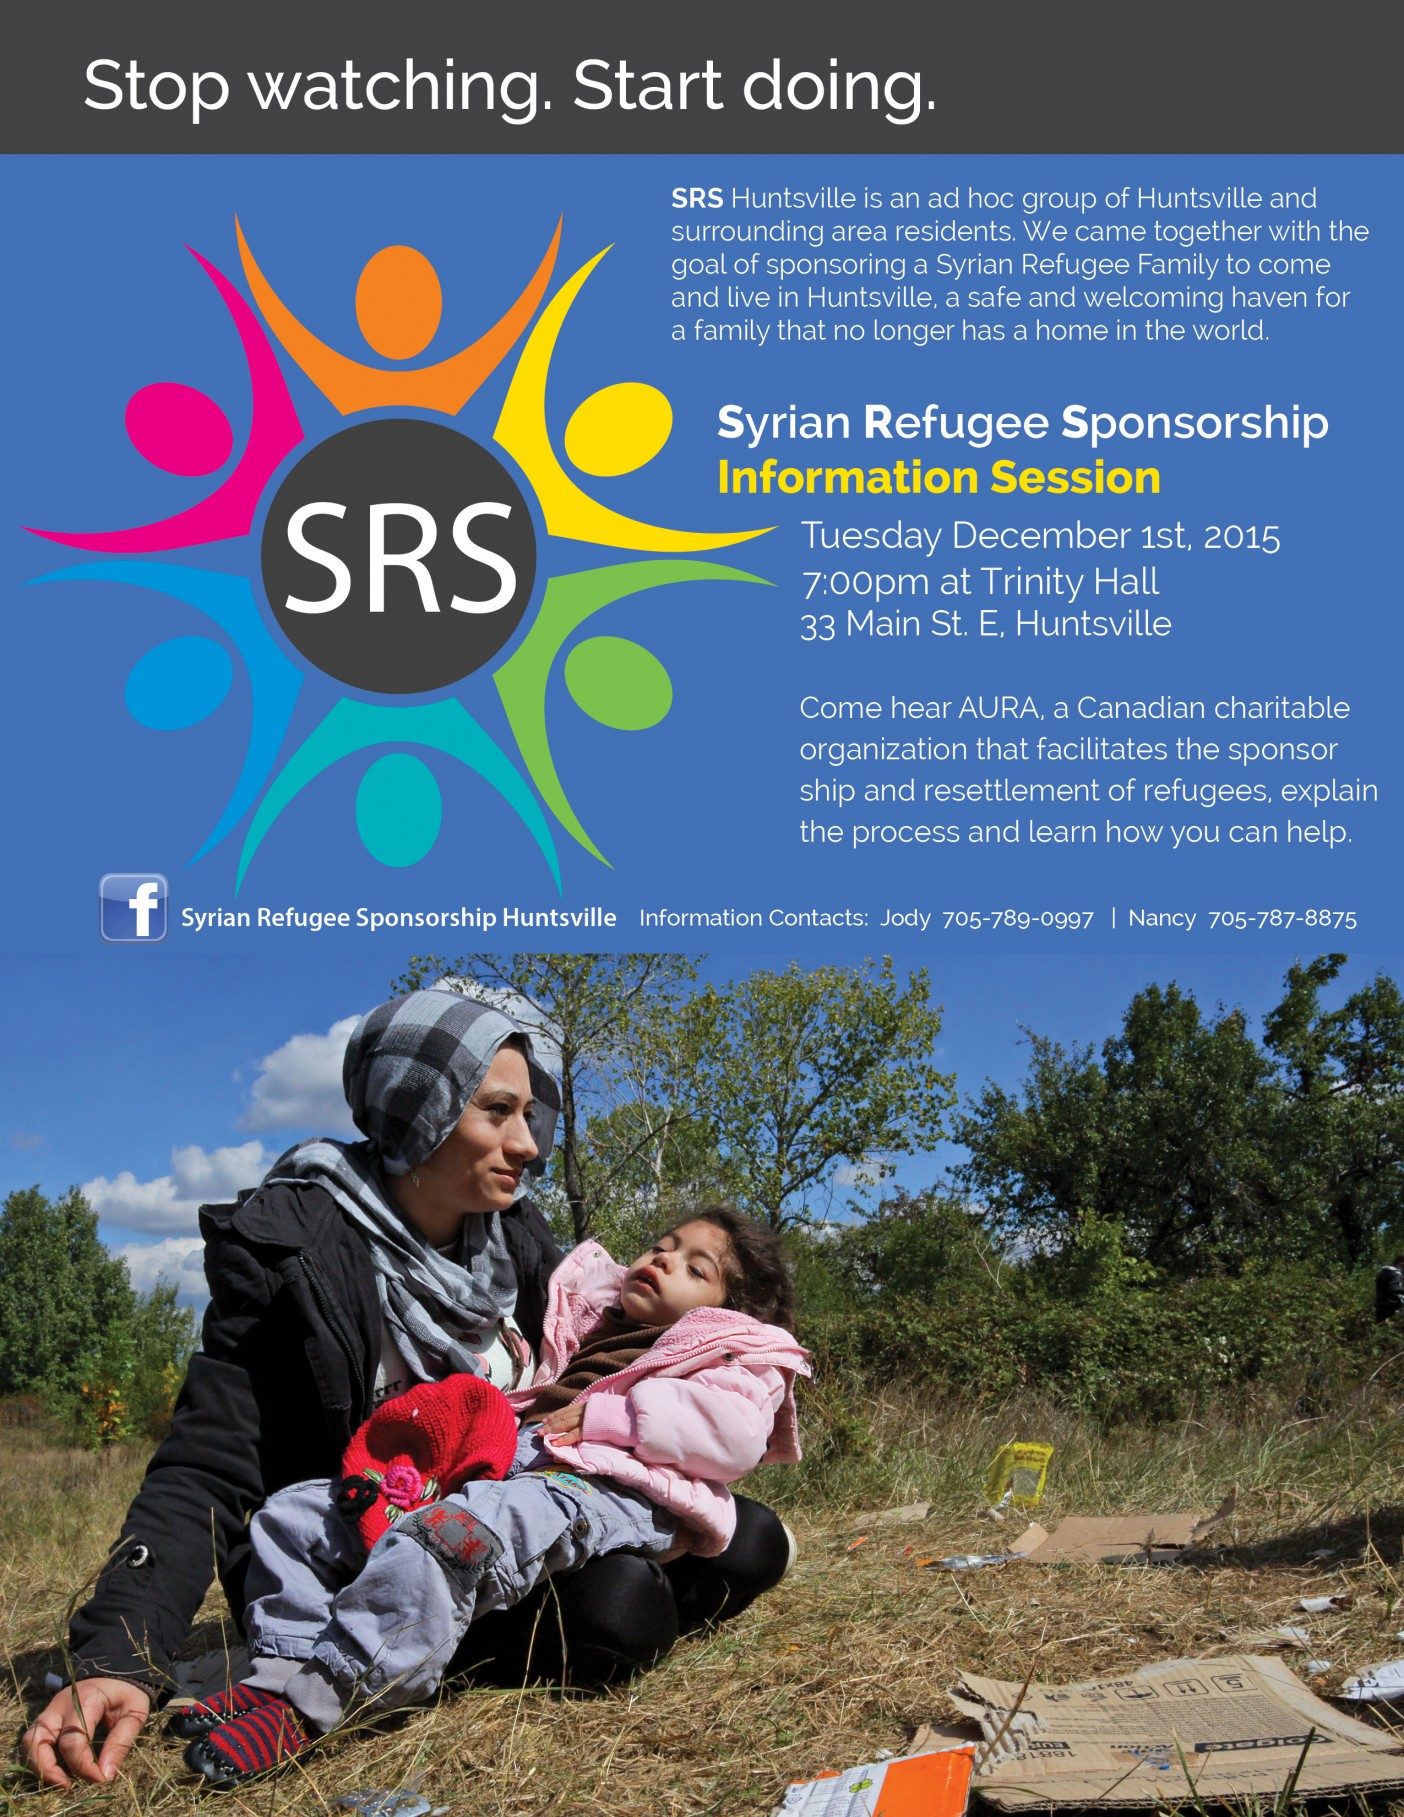 SRS Information Session